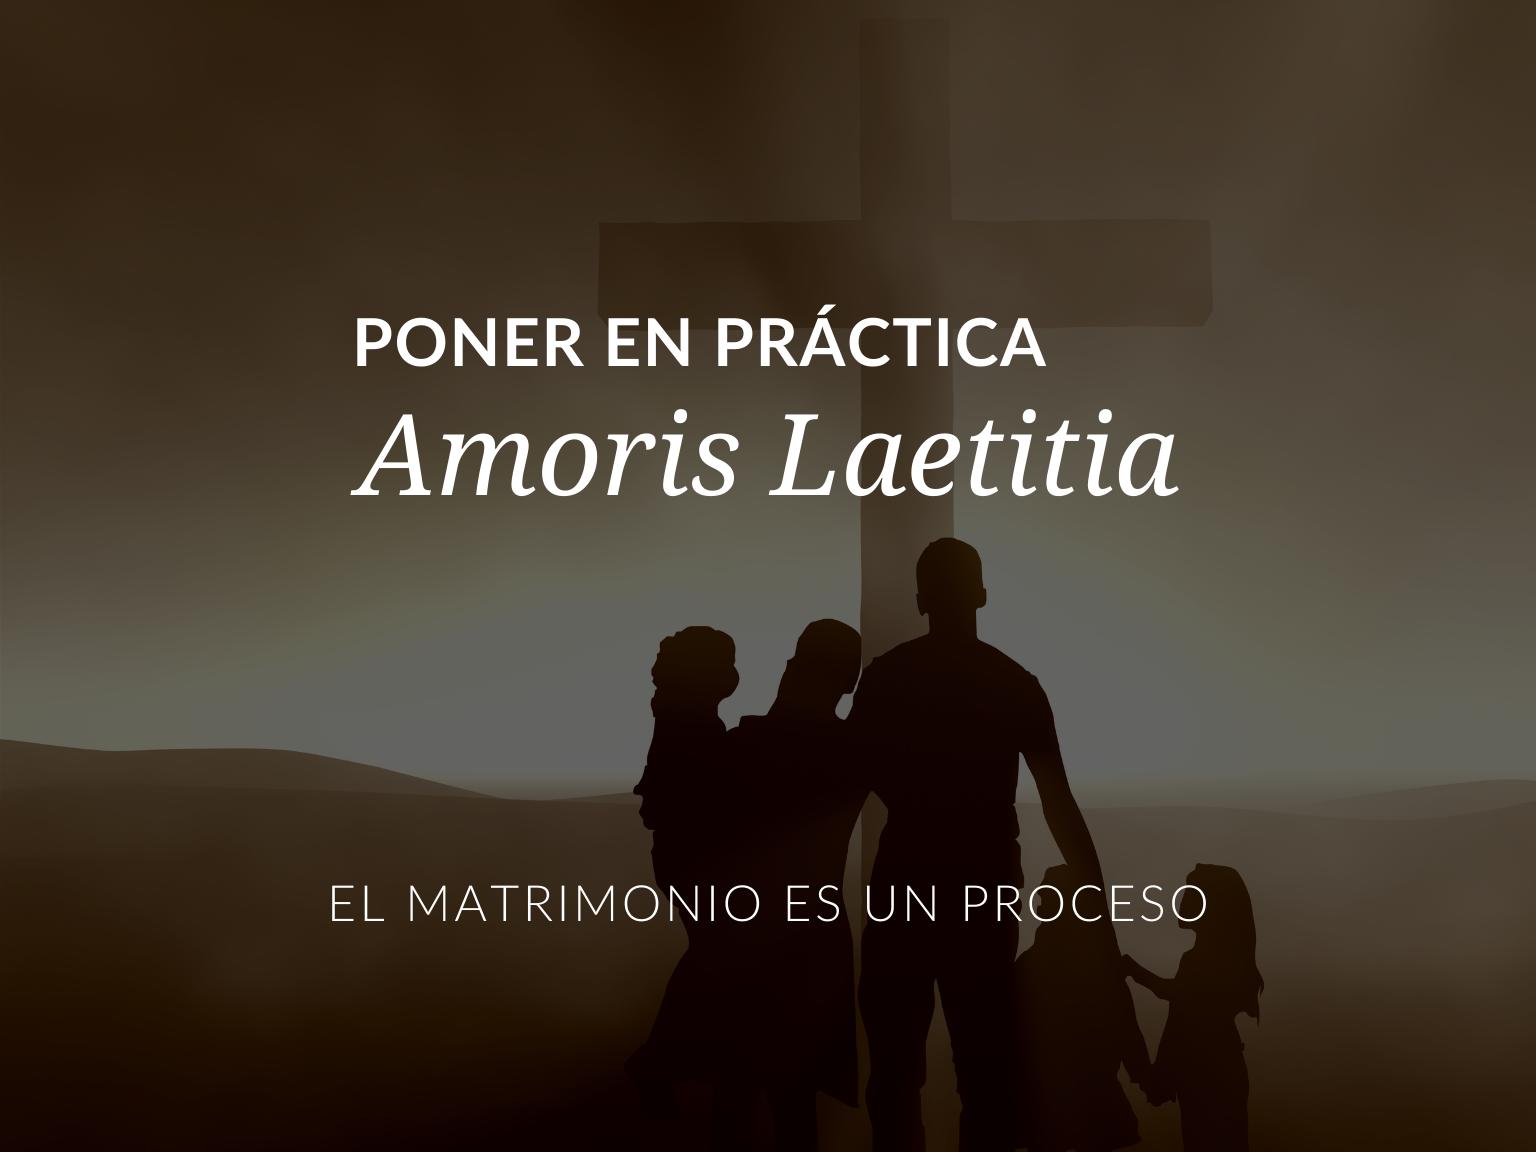 poner-en-practica-amoris-laetitia-matrimonio